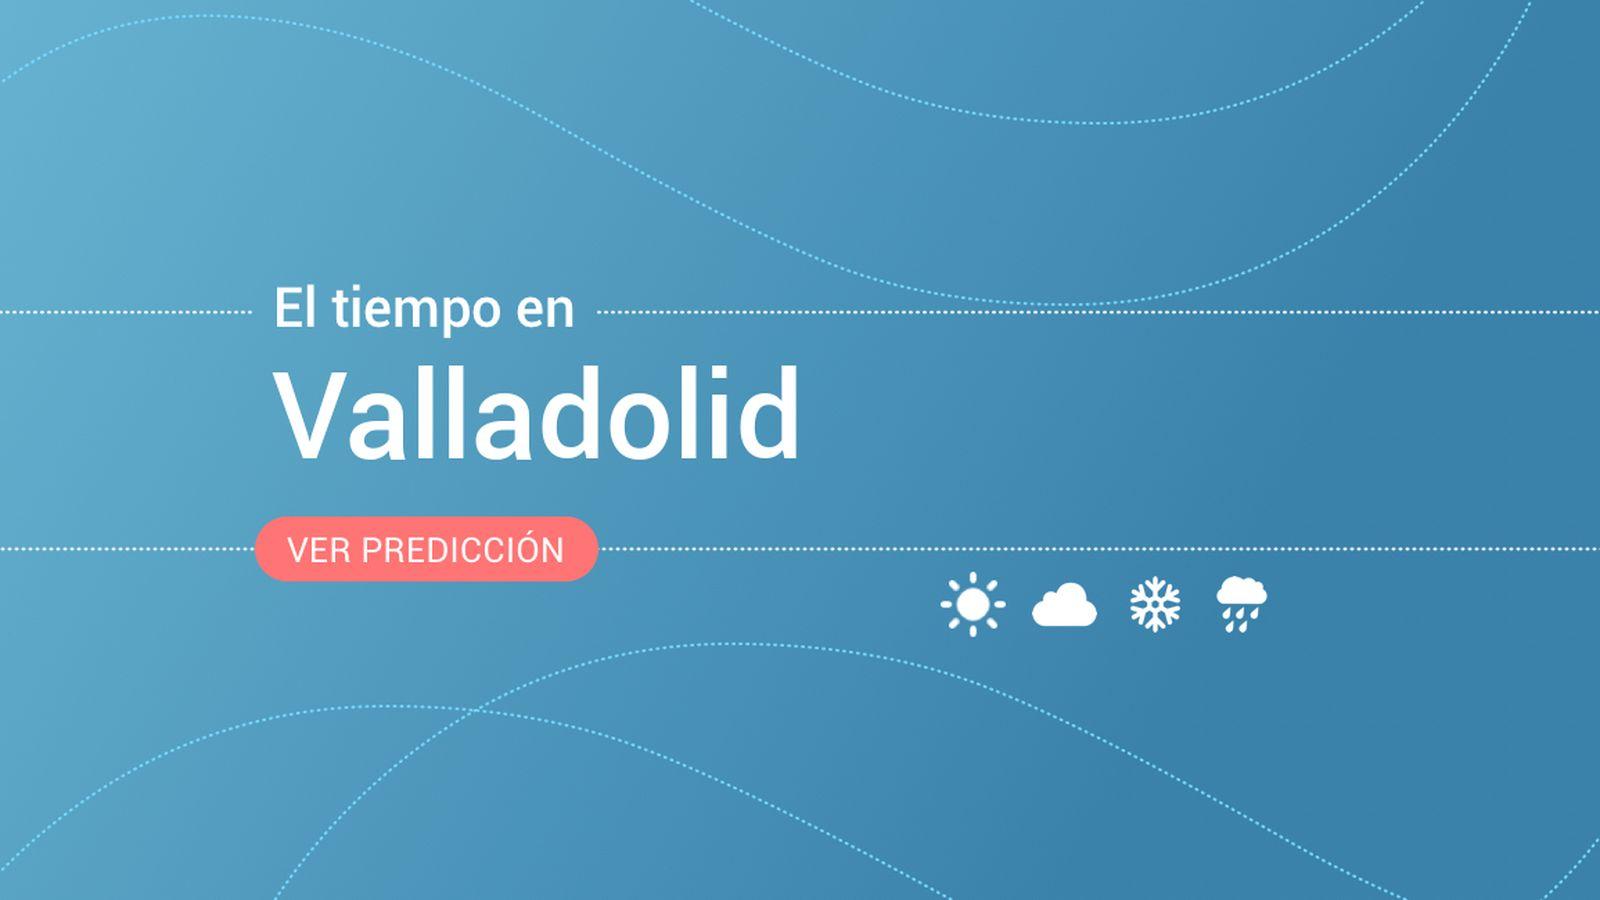 Foto: El tiempo en Valladolid. (EC)